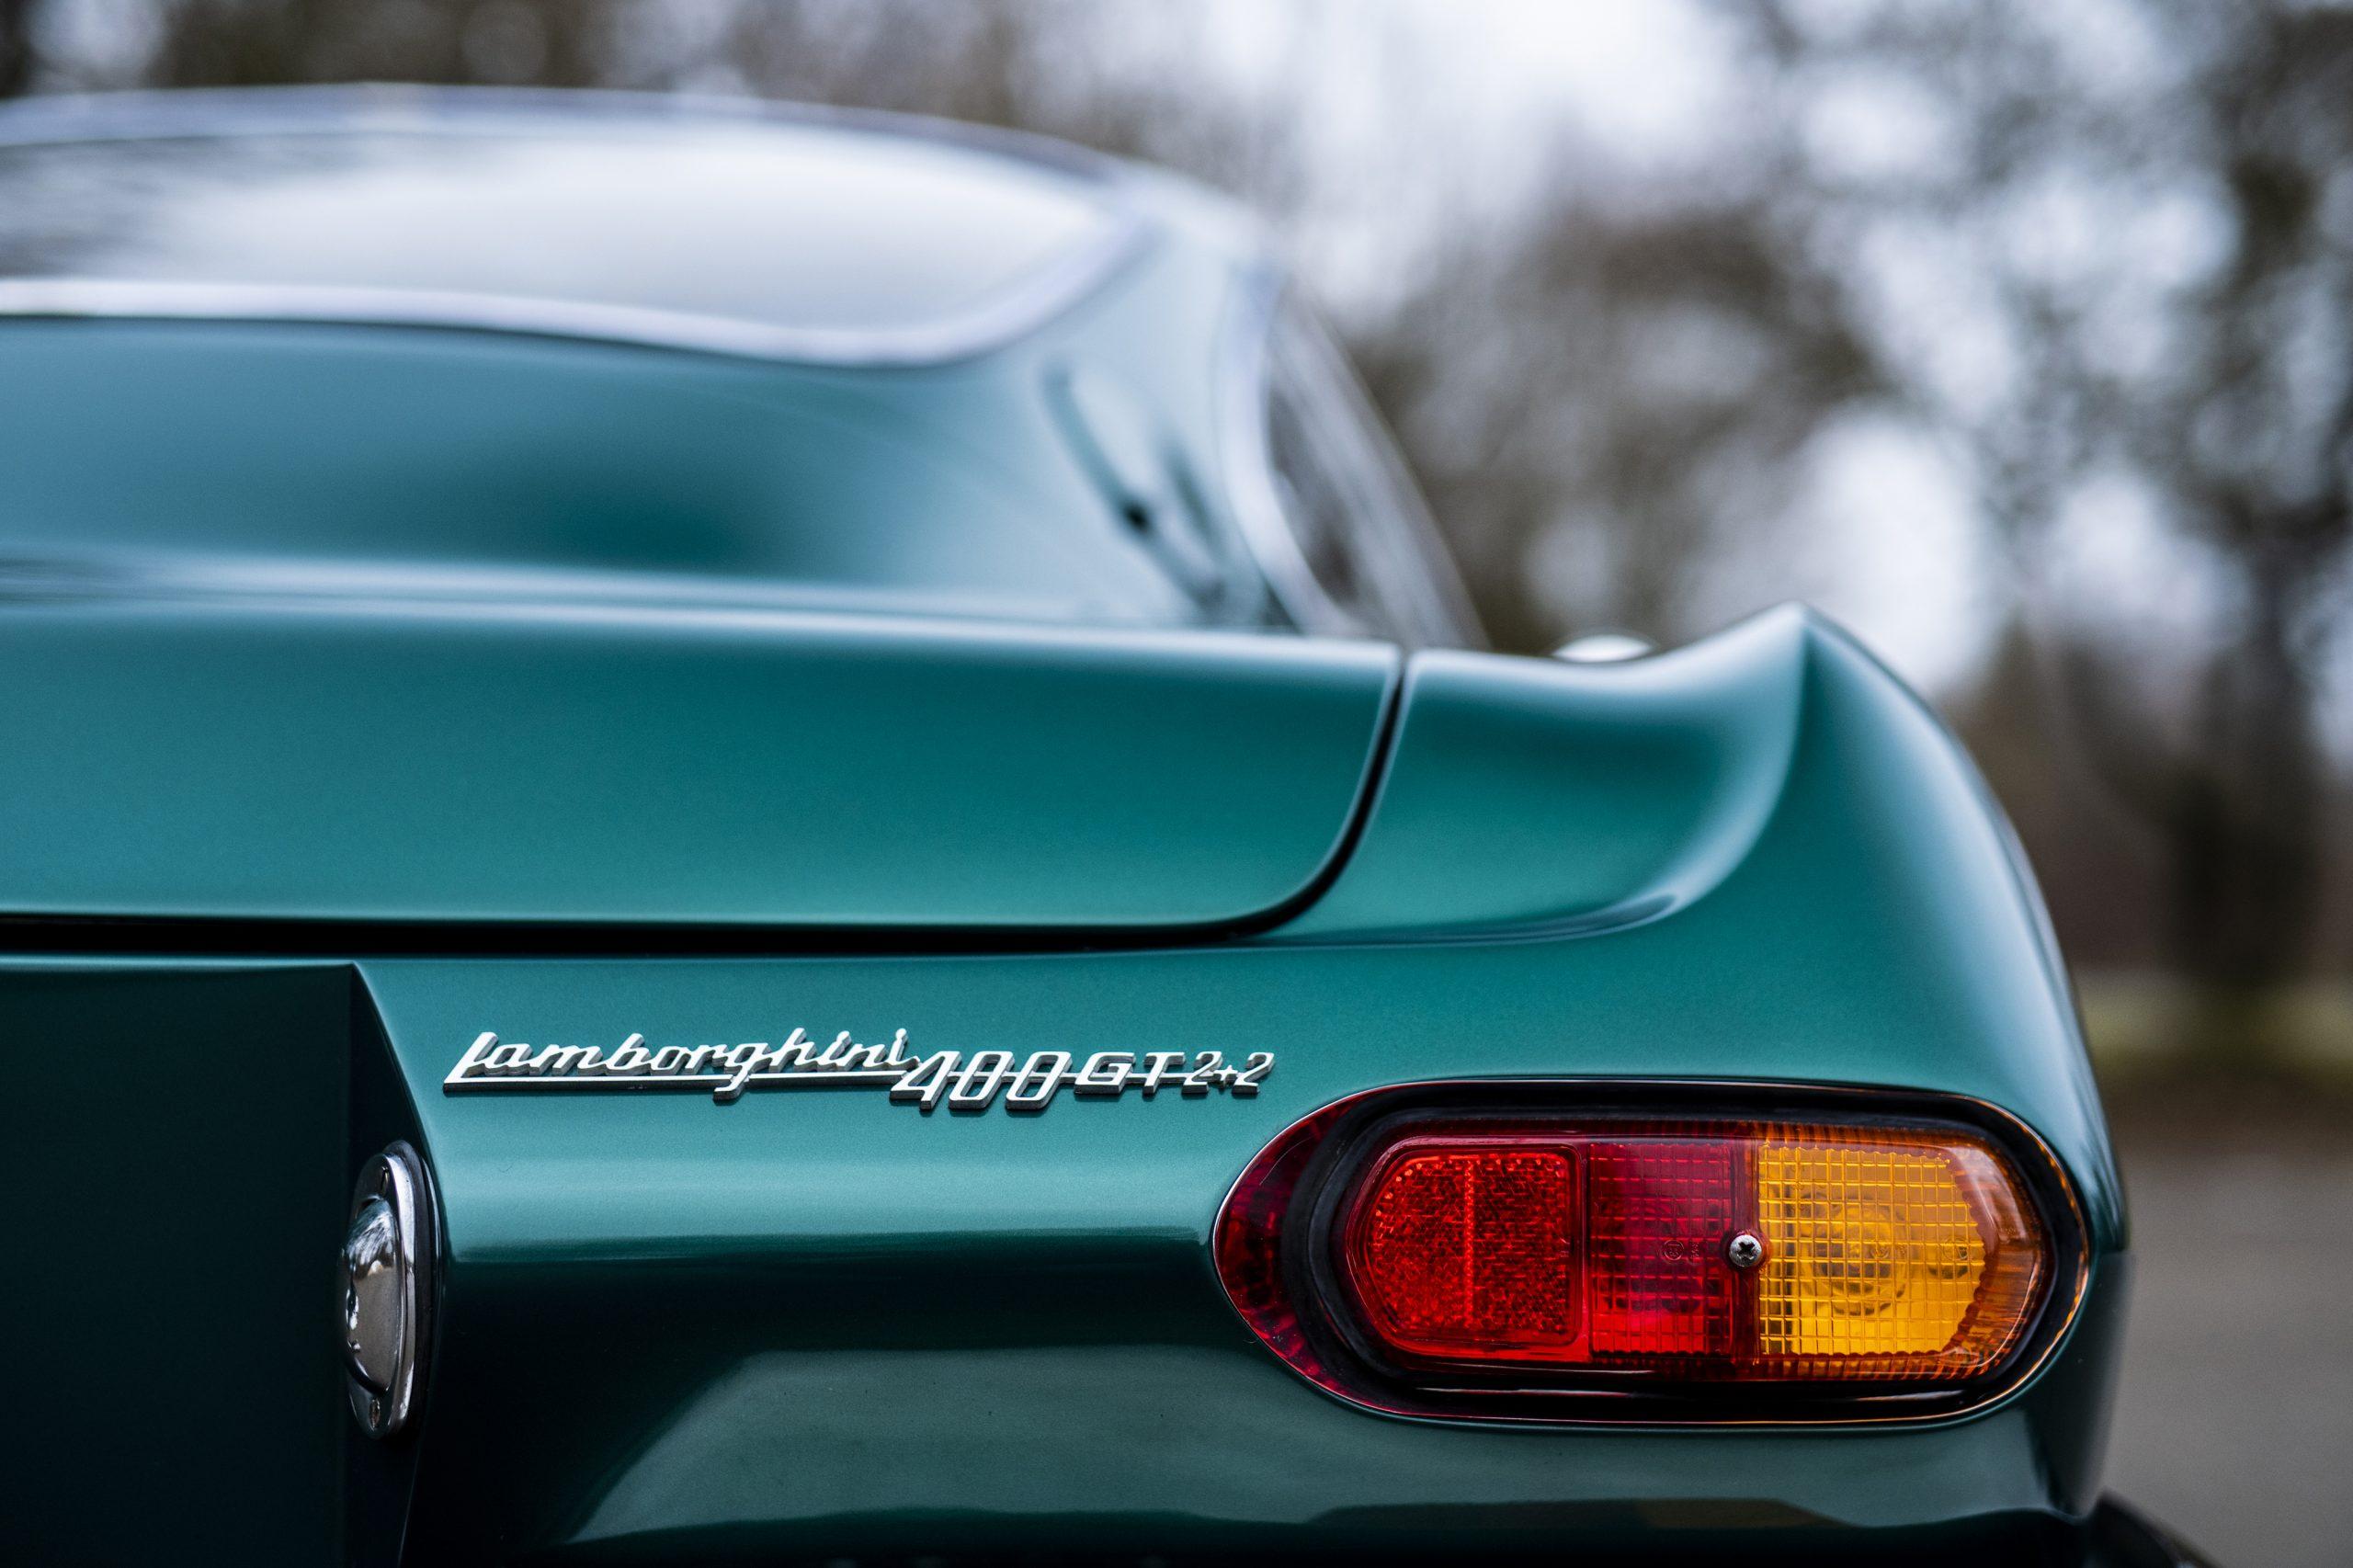 1967 Lamborghini 400 GT 2+2 rear badge